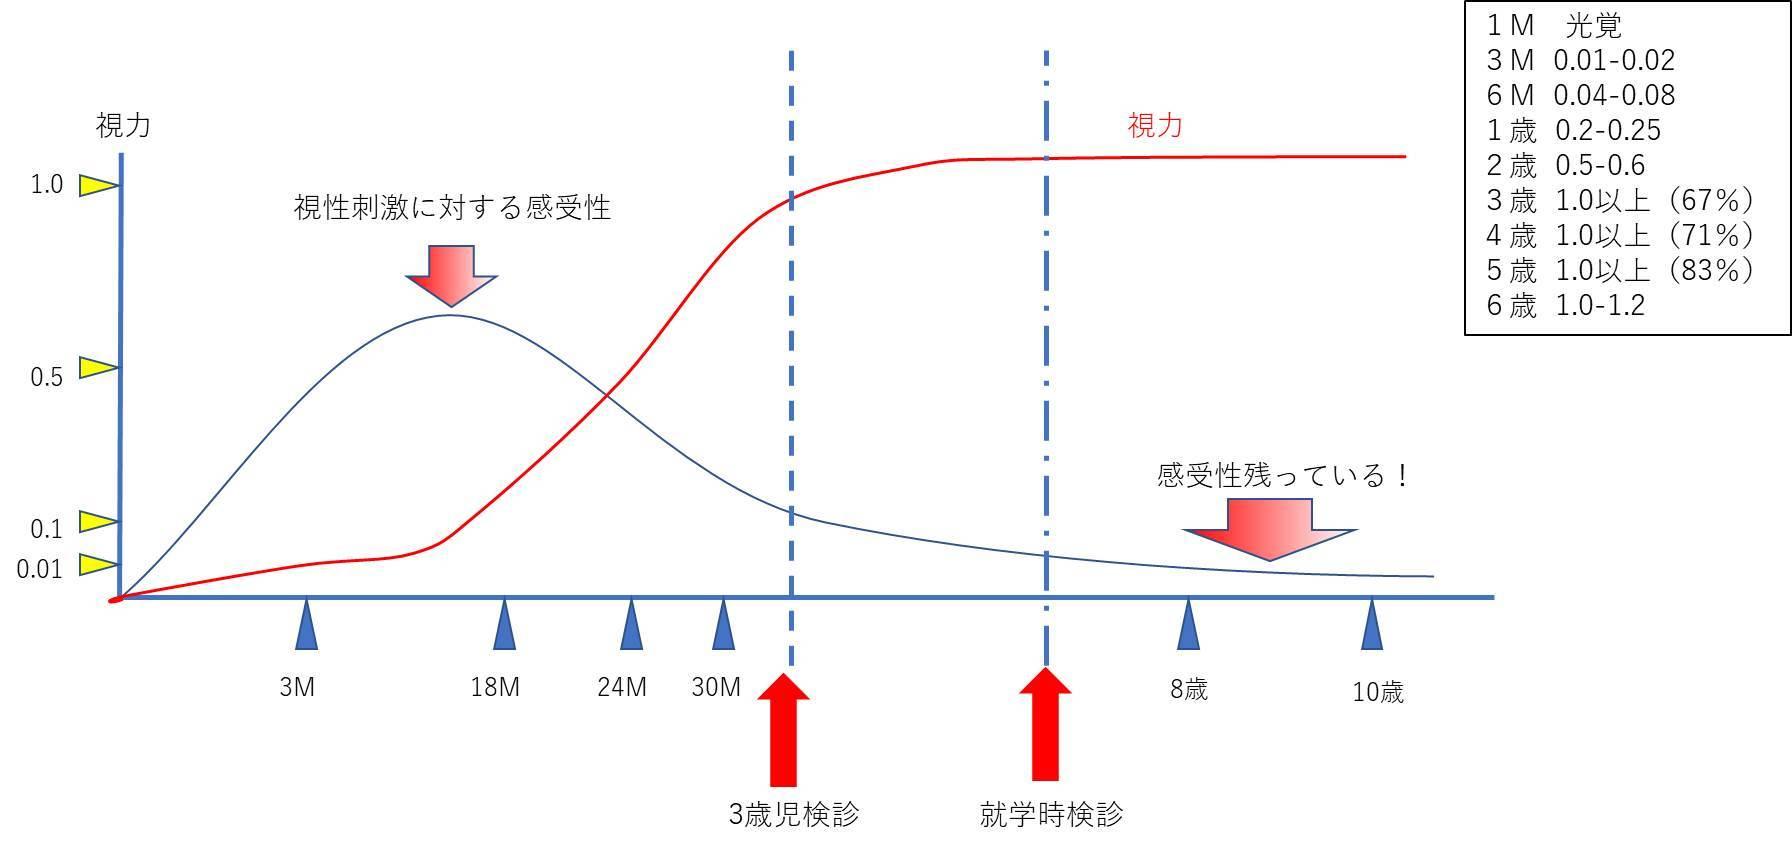 関西医大眼科同窓会 秋の勉強会2019 その2 (1186)_f0088231_15575555.jpg